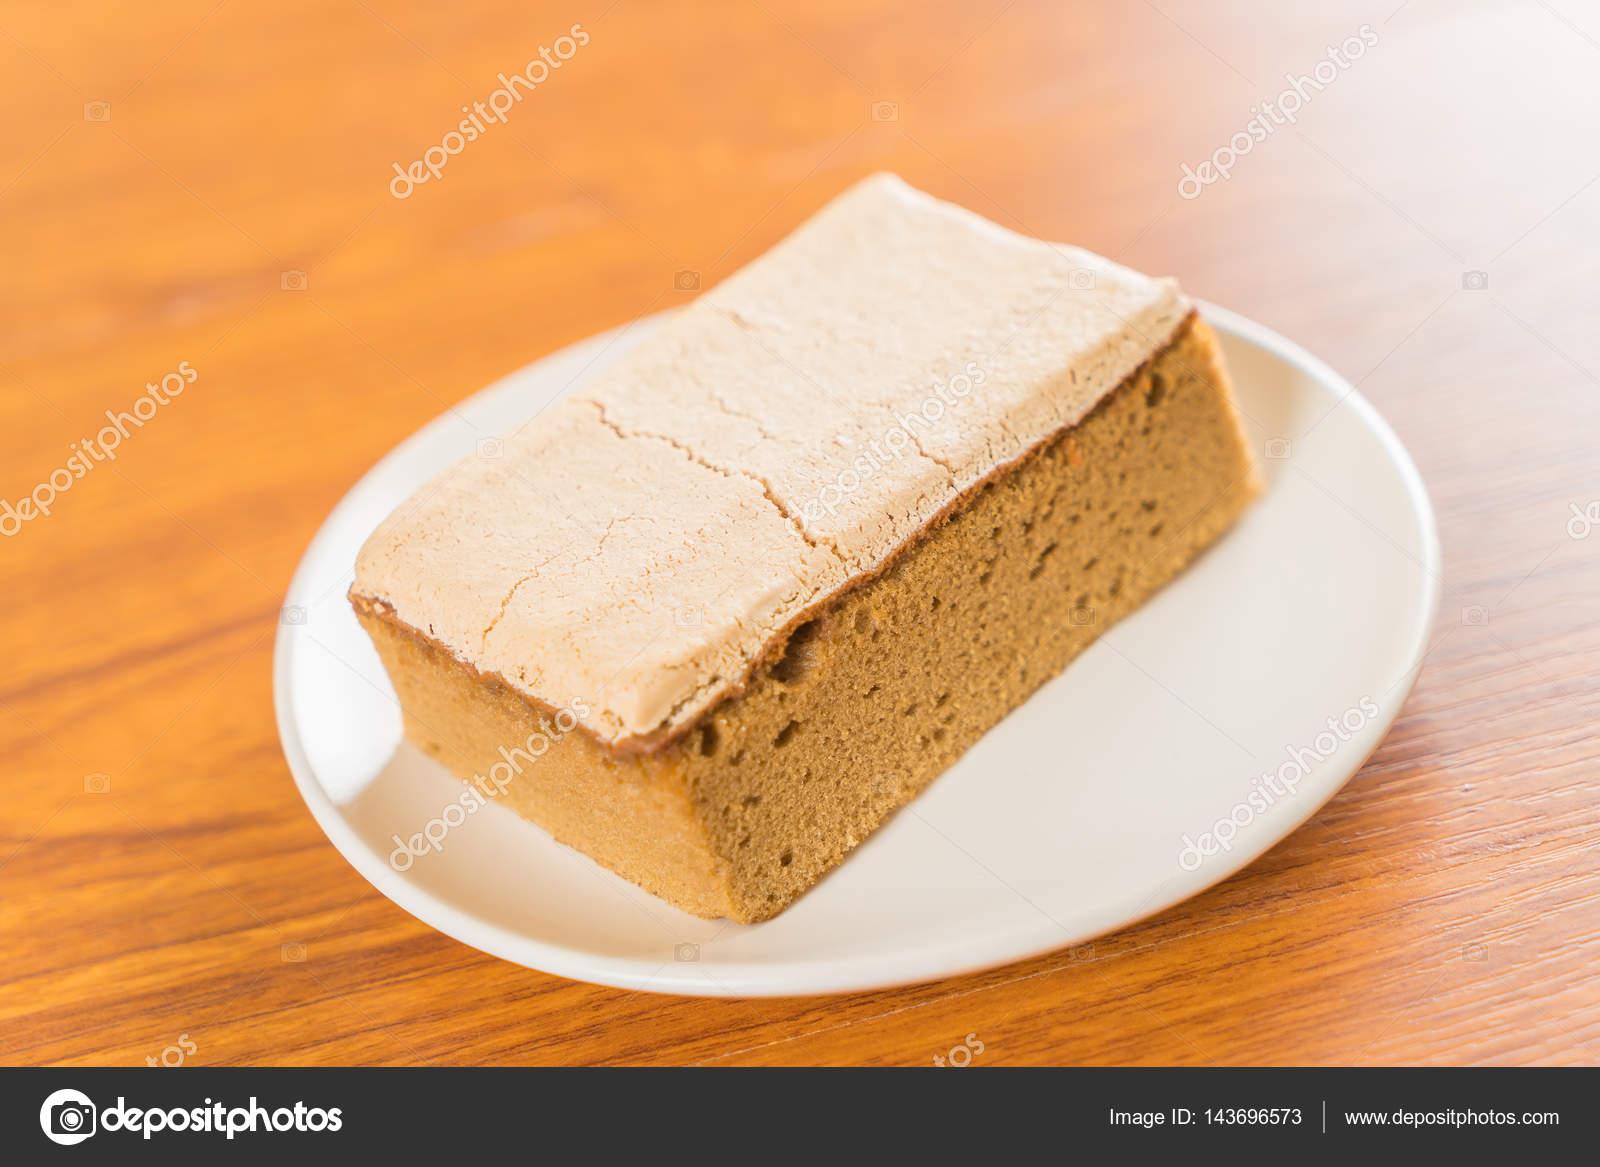 Schon Kaffee Kuchen Auf Holz Hintergrund U2014 Stockfoto